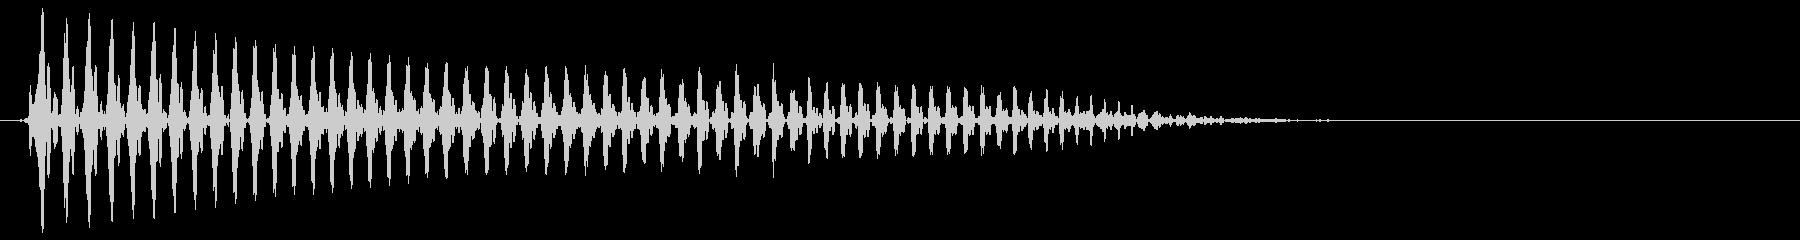 ミュートファート、フォリーの未再生の波形